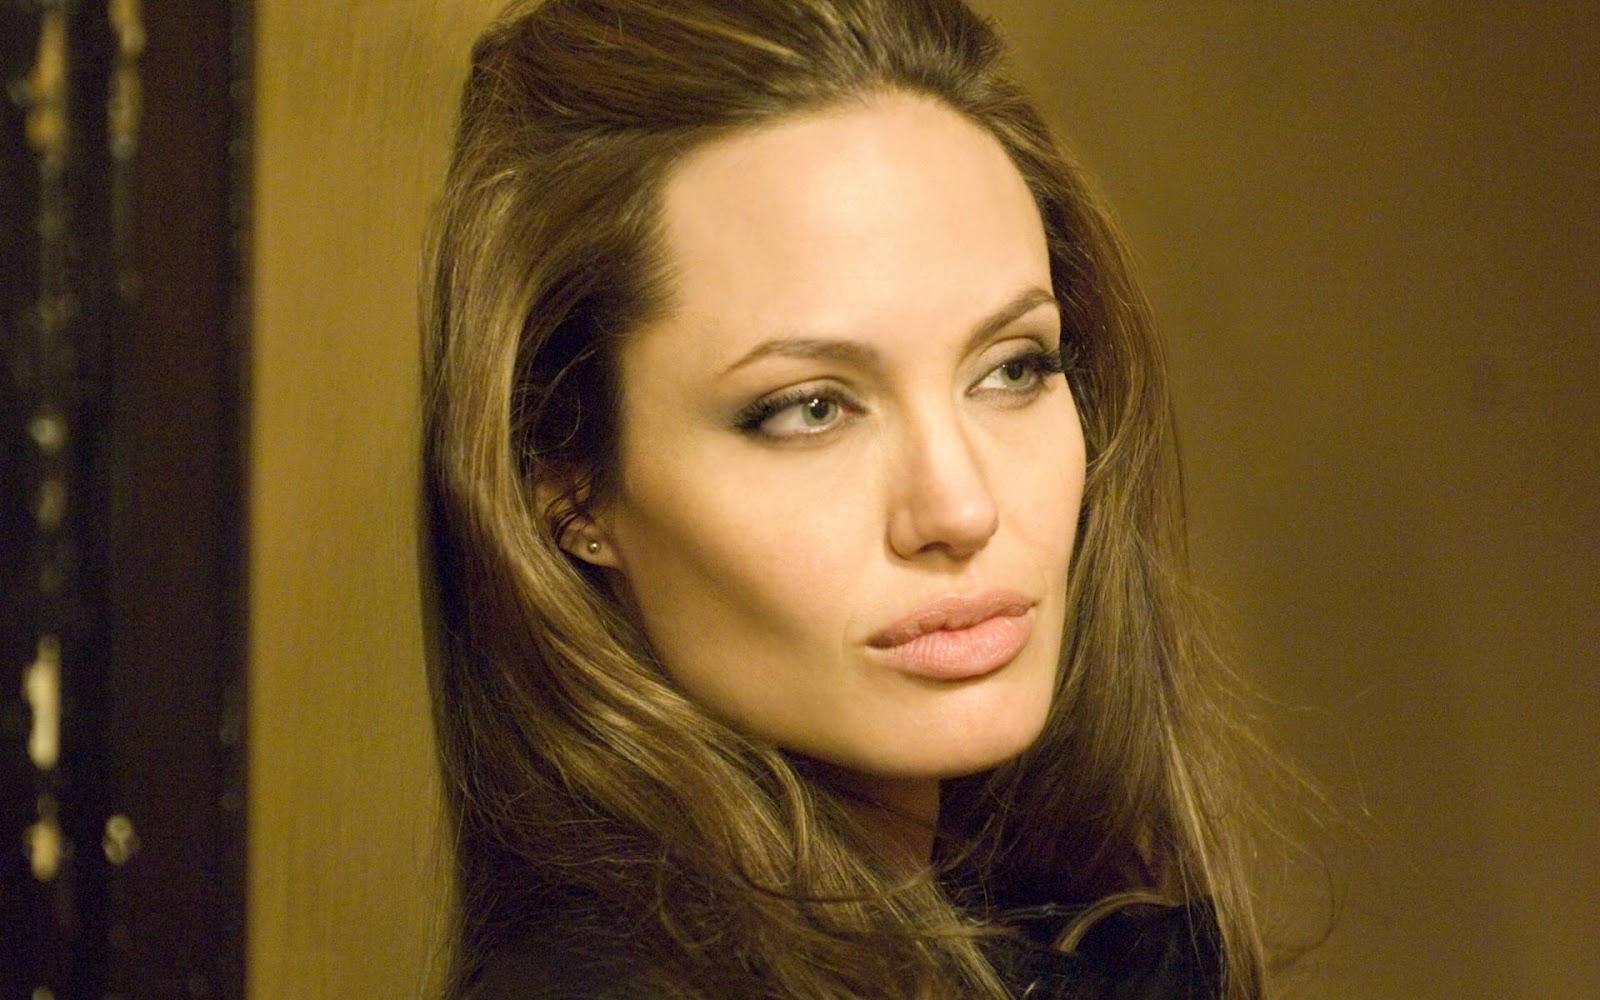 Angelina Jolie: Angelina Jolie Hot Desktop Wallpaper